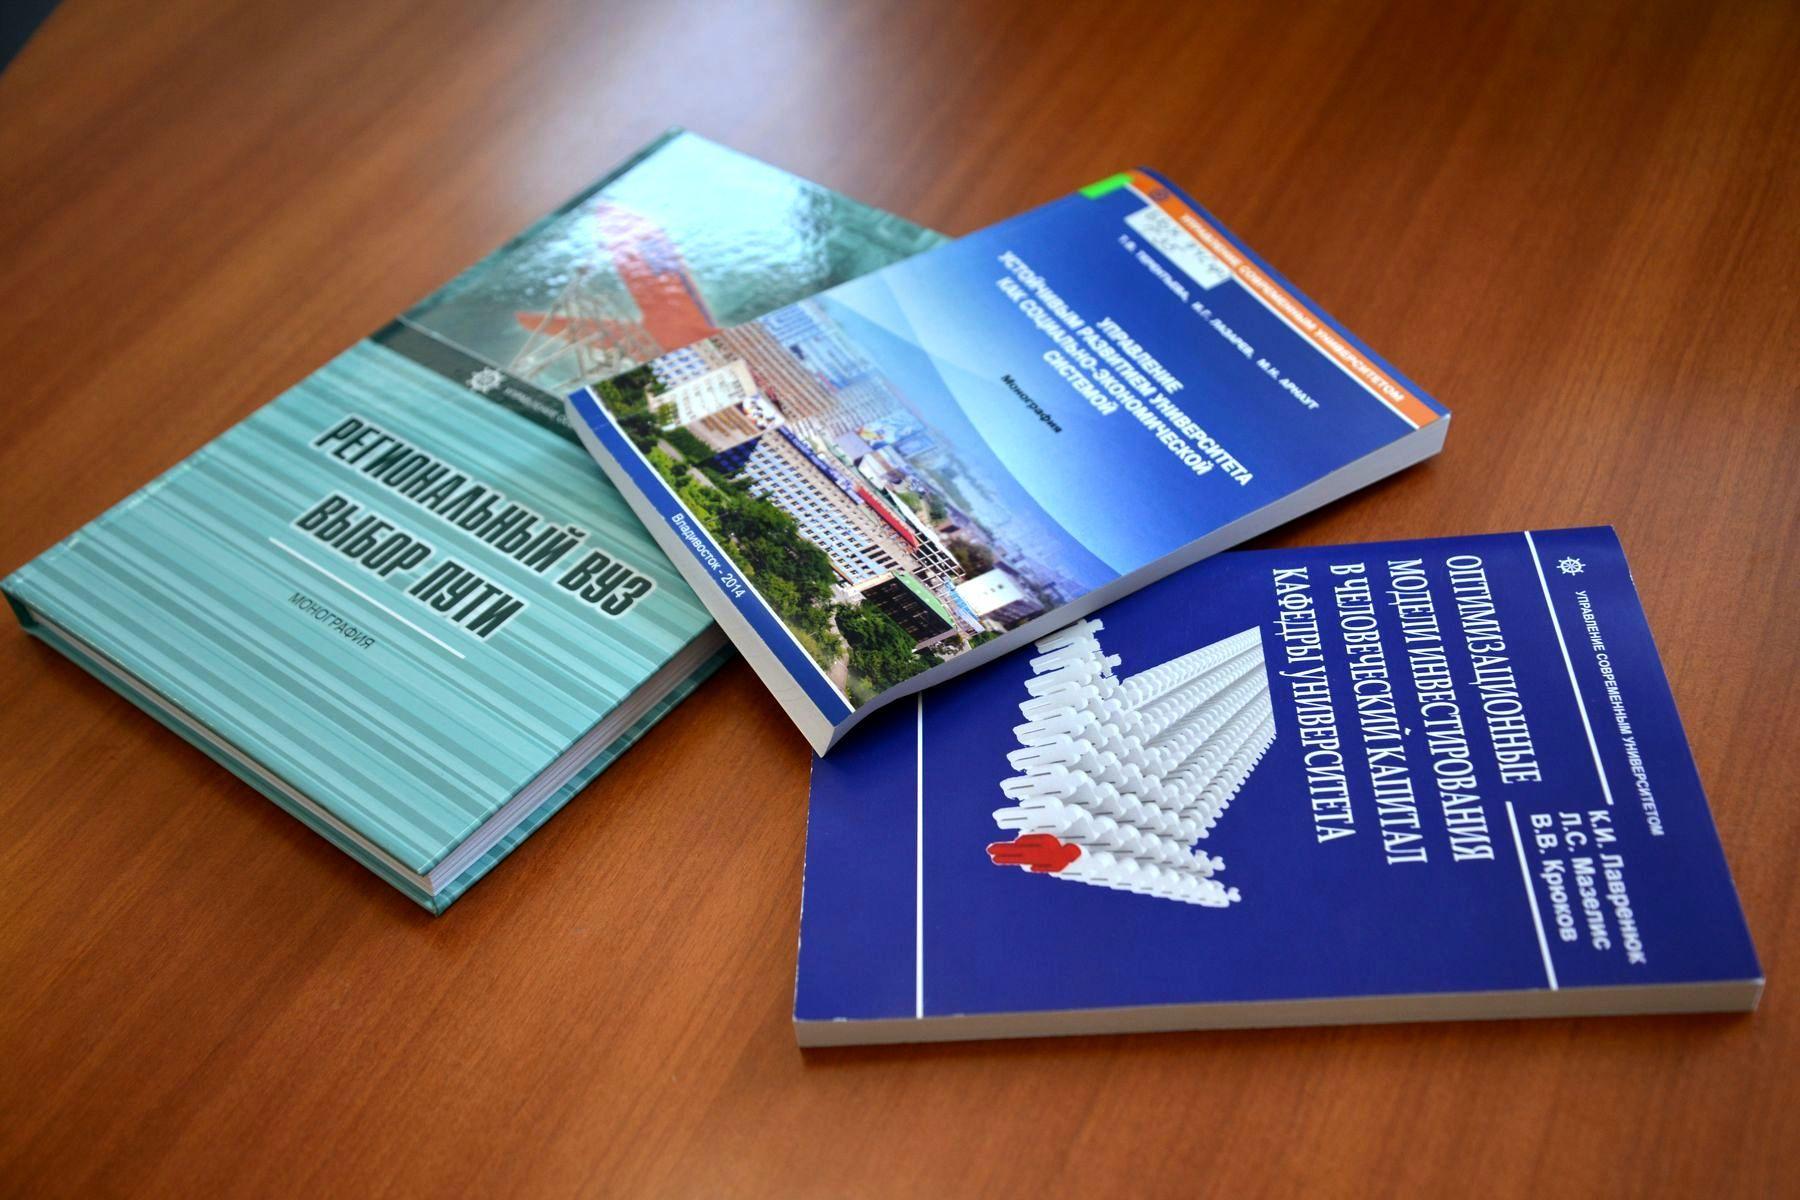 Монографии ВГУЭС представлены на международной книжной выставке во Франкфурте-на-Майне